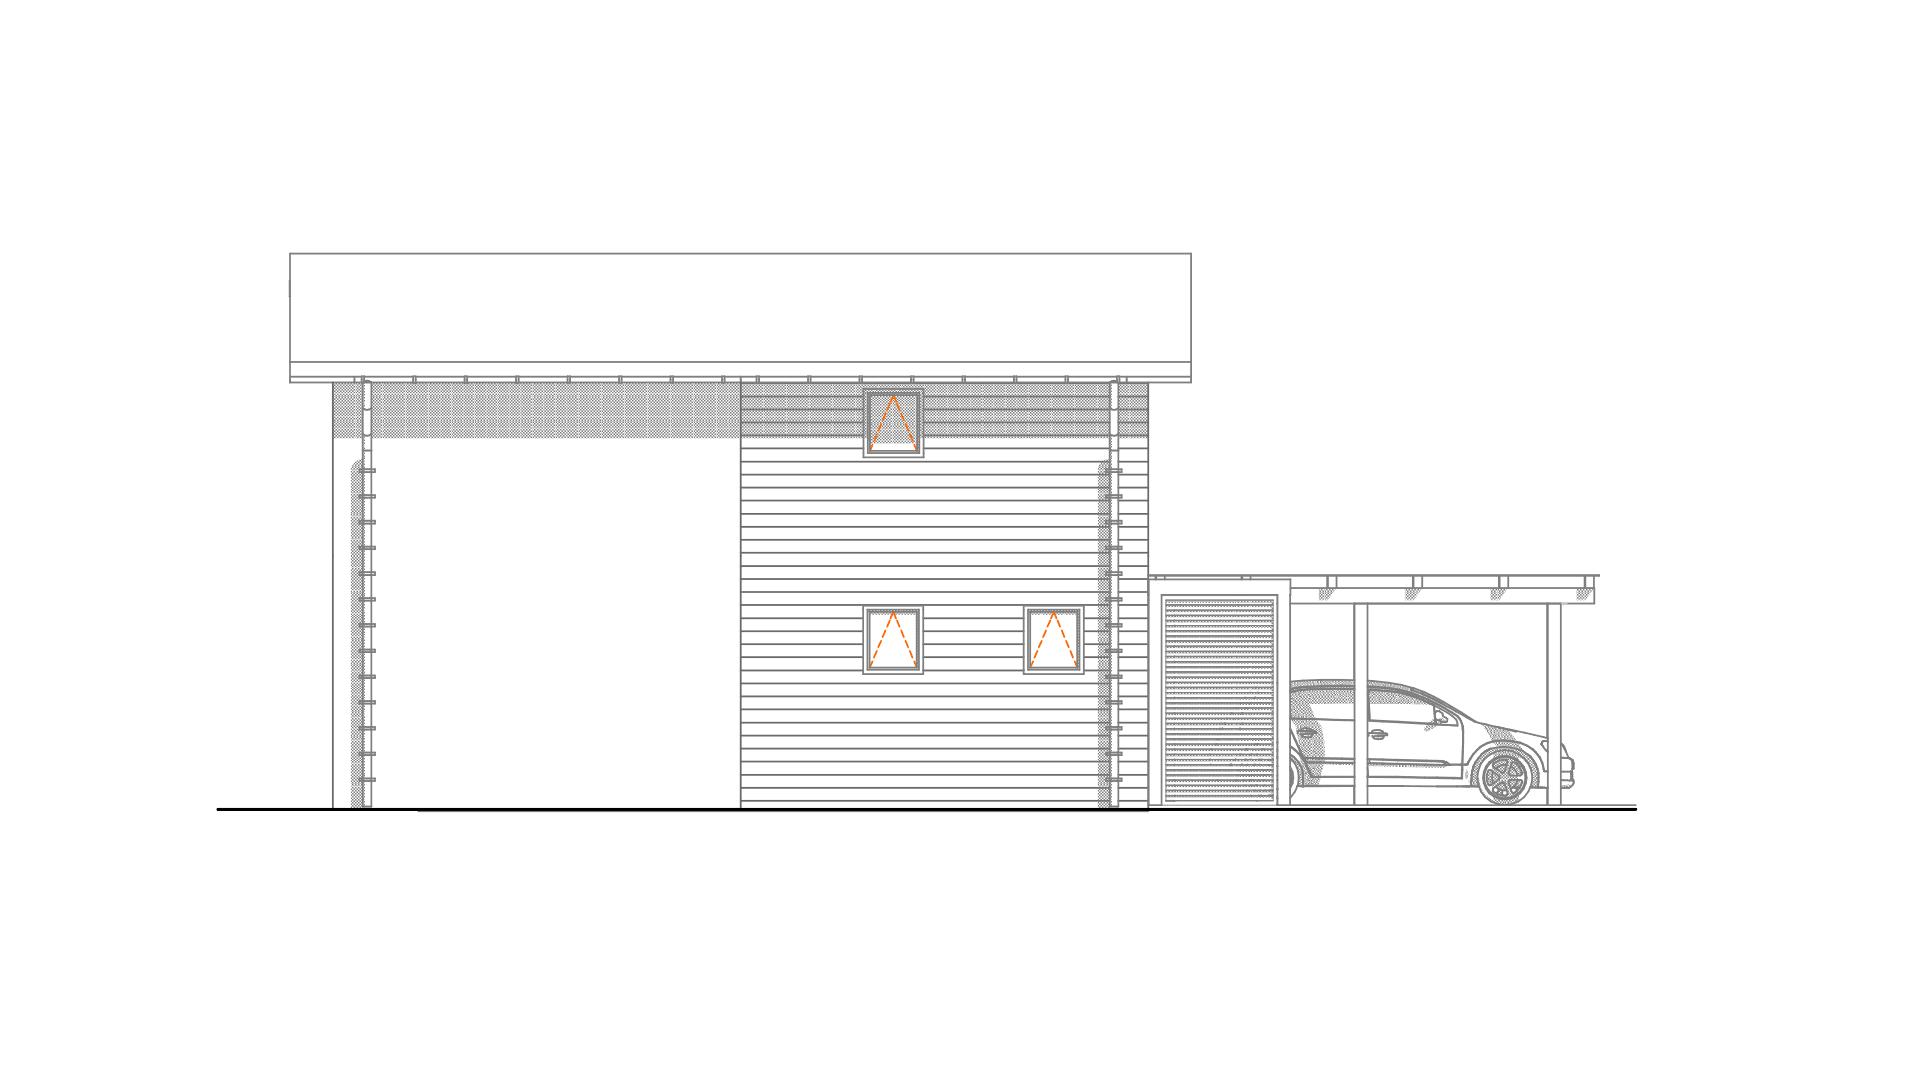 Karta-domu-Richie_04_zelená stavba